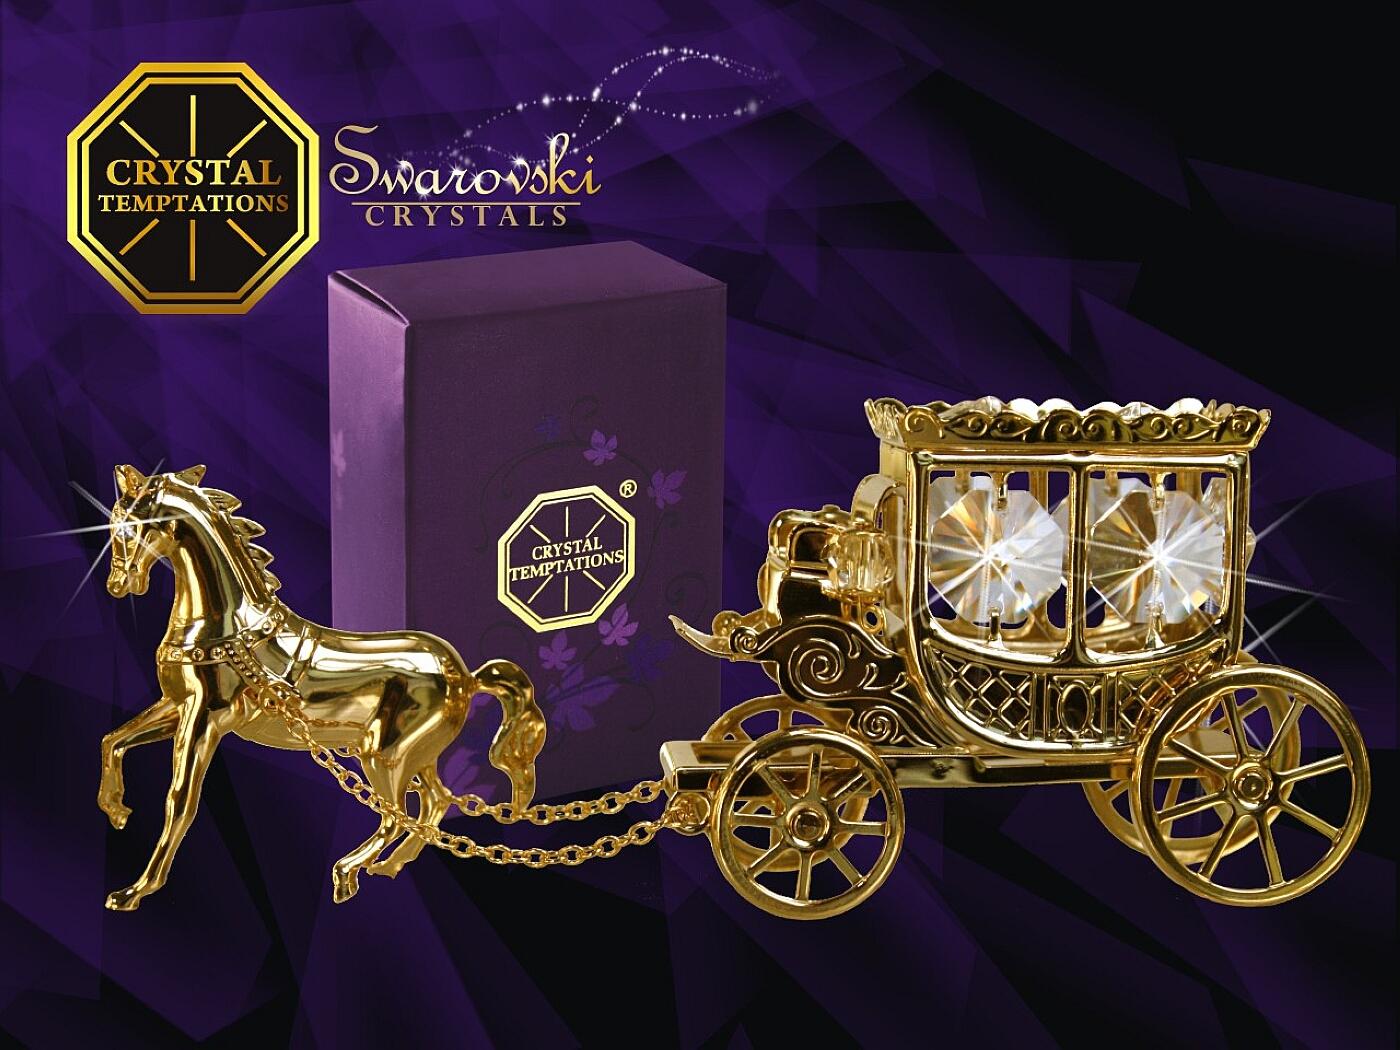 swarovski kristal goud crystal online de webshop met het. Black Bedroom Furniture Sets. Home Design Ideas